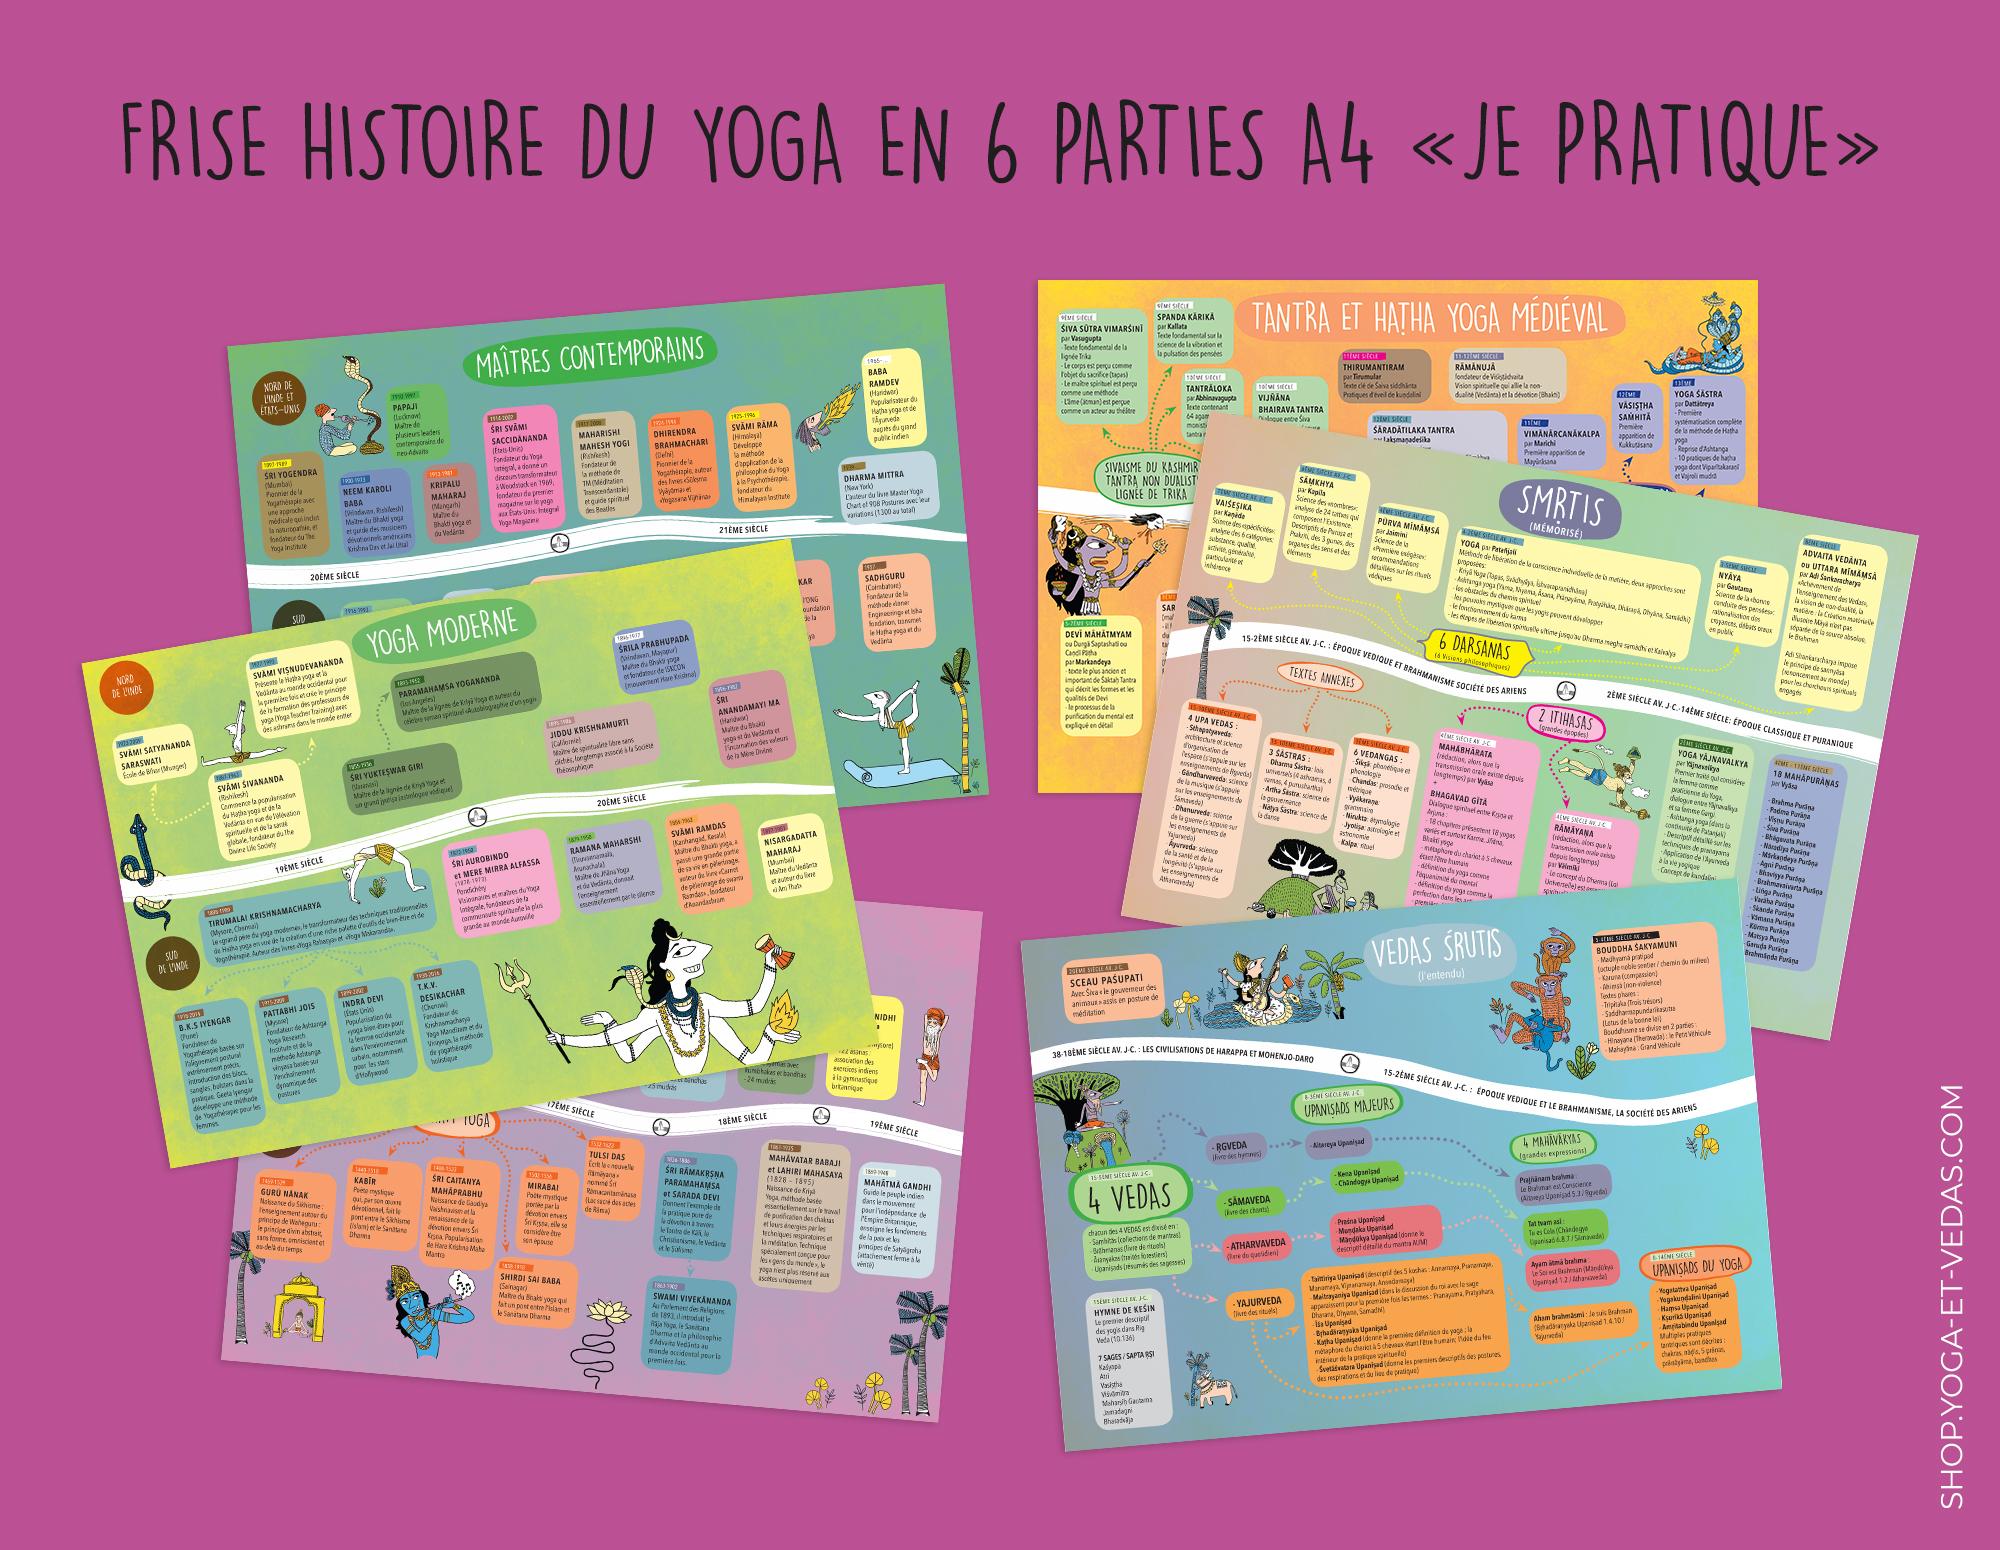 Frise Histoire du Yoga - Shop Yoga&Vedas